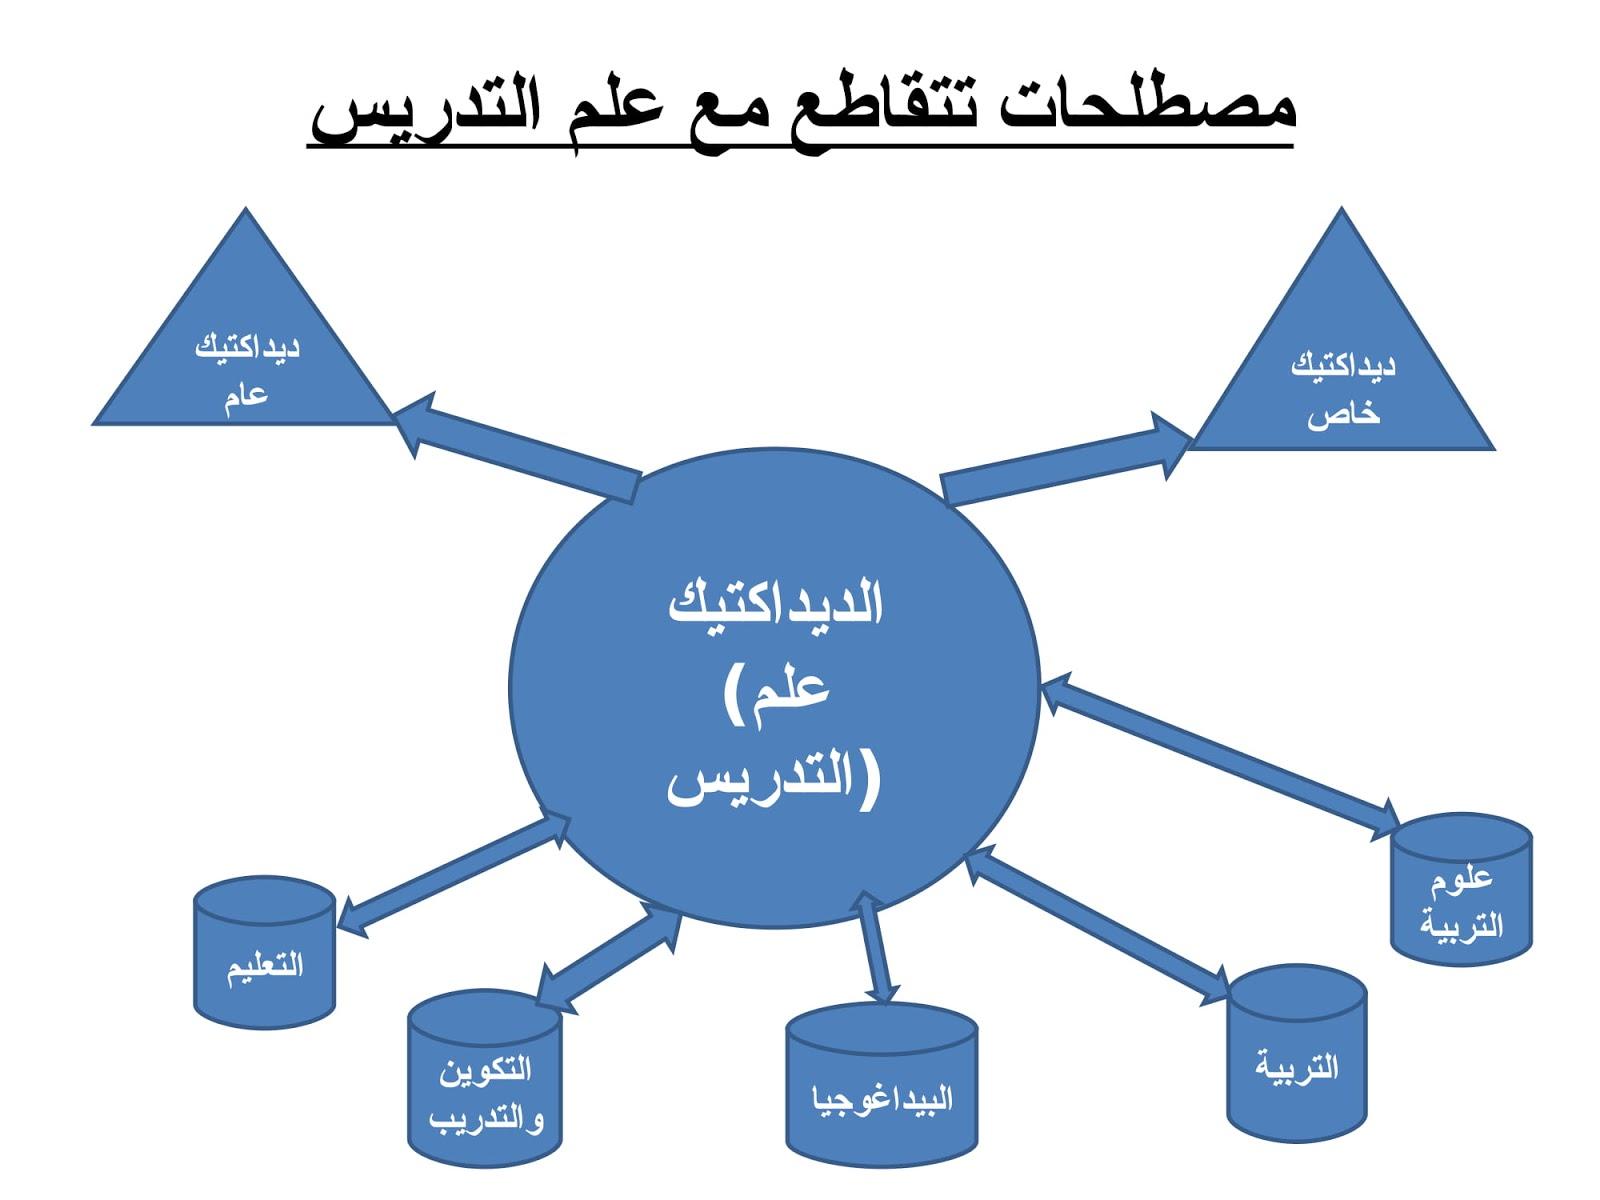 خطاطة مكونات علم التدريس وأهم محطات الإصلاح البيداغوجي بالمغرب